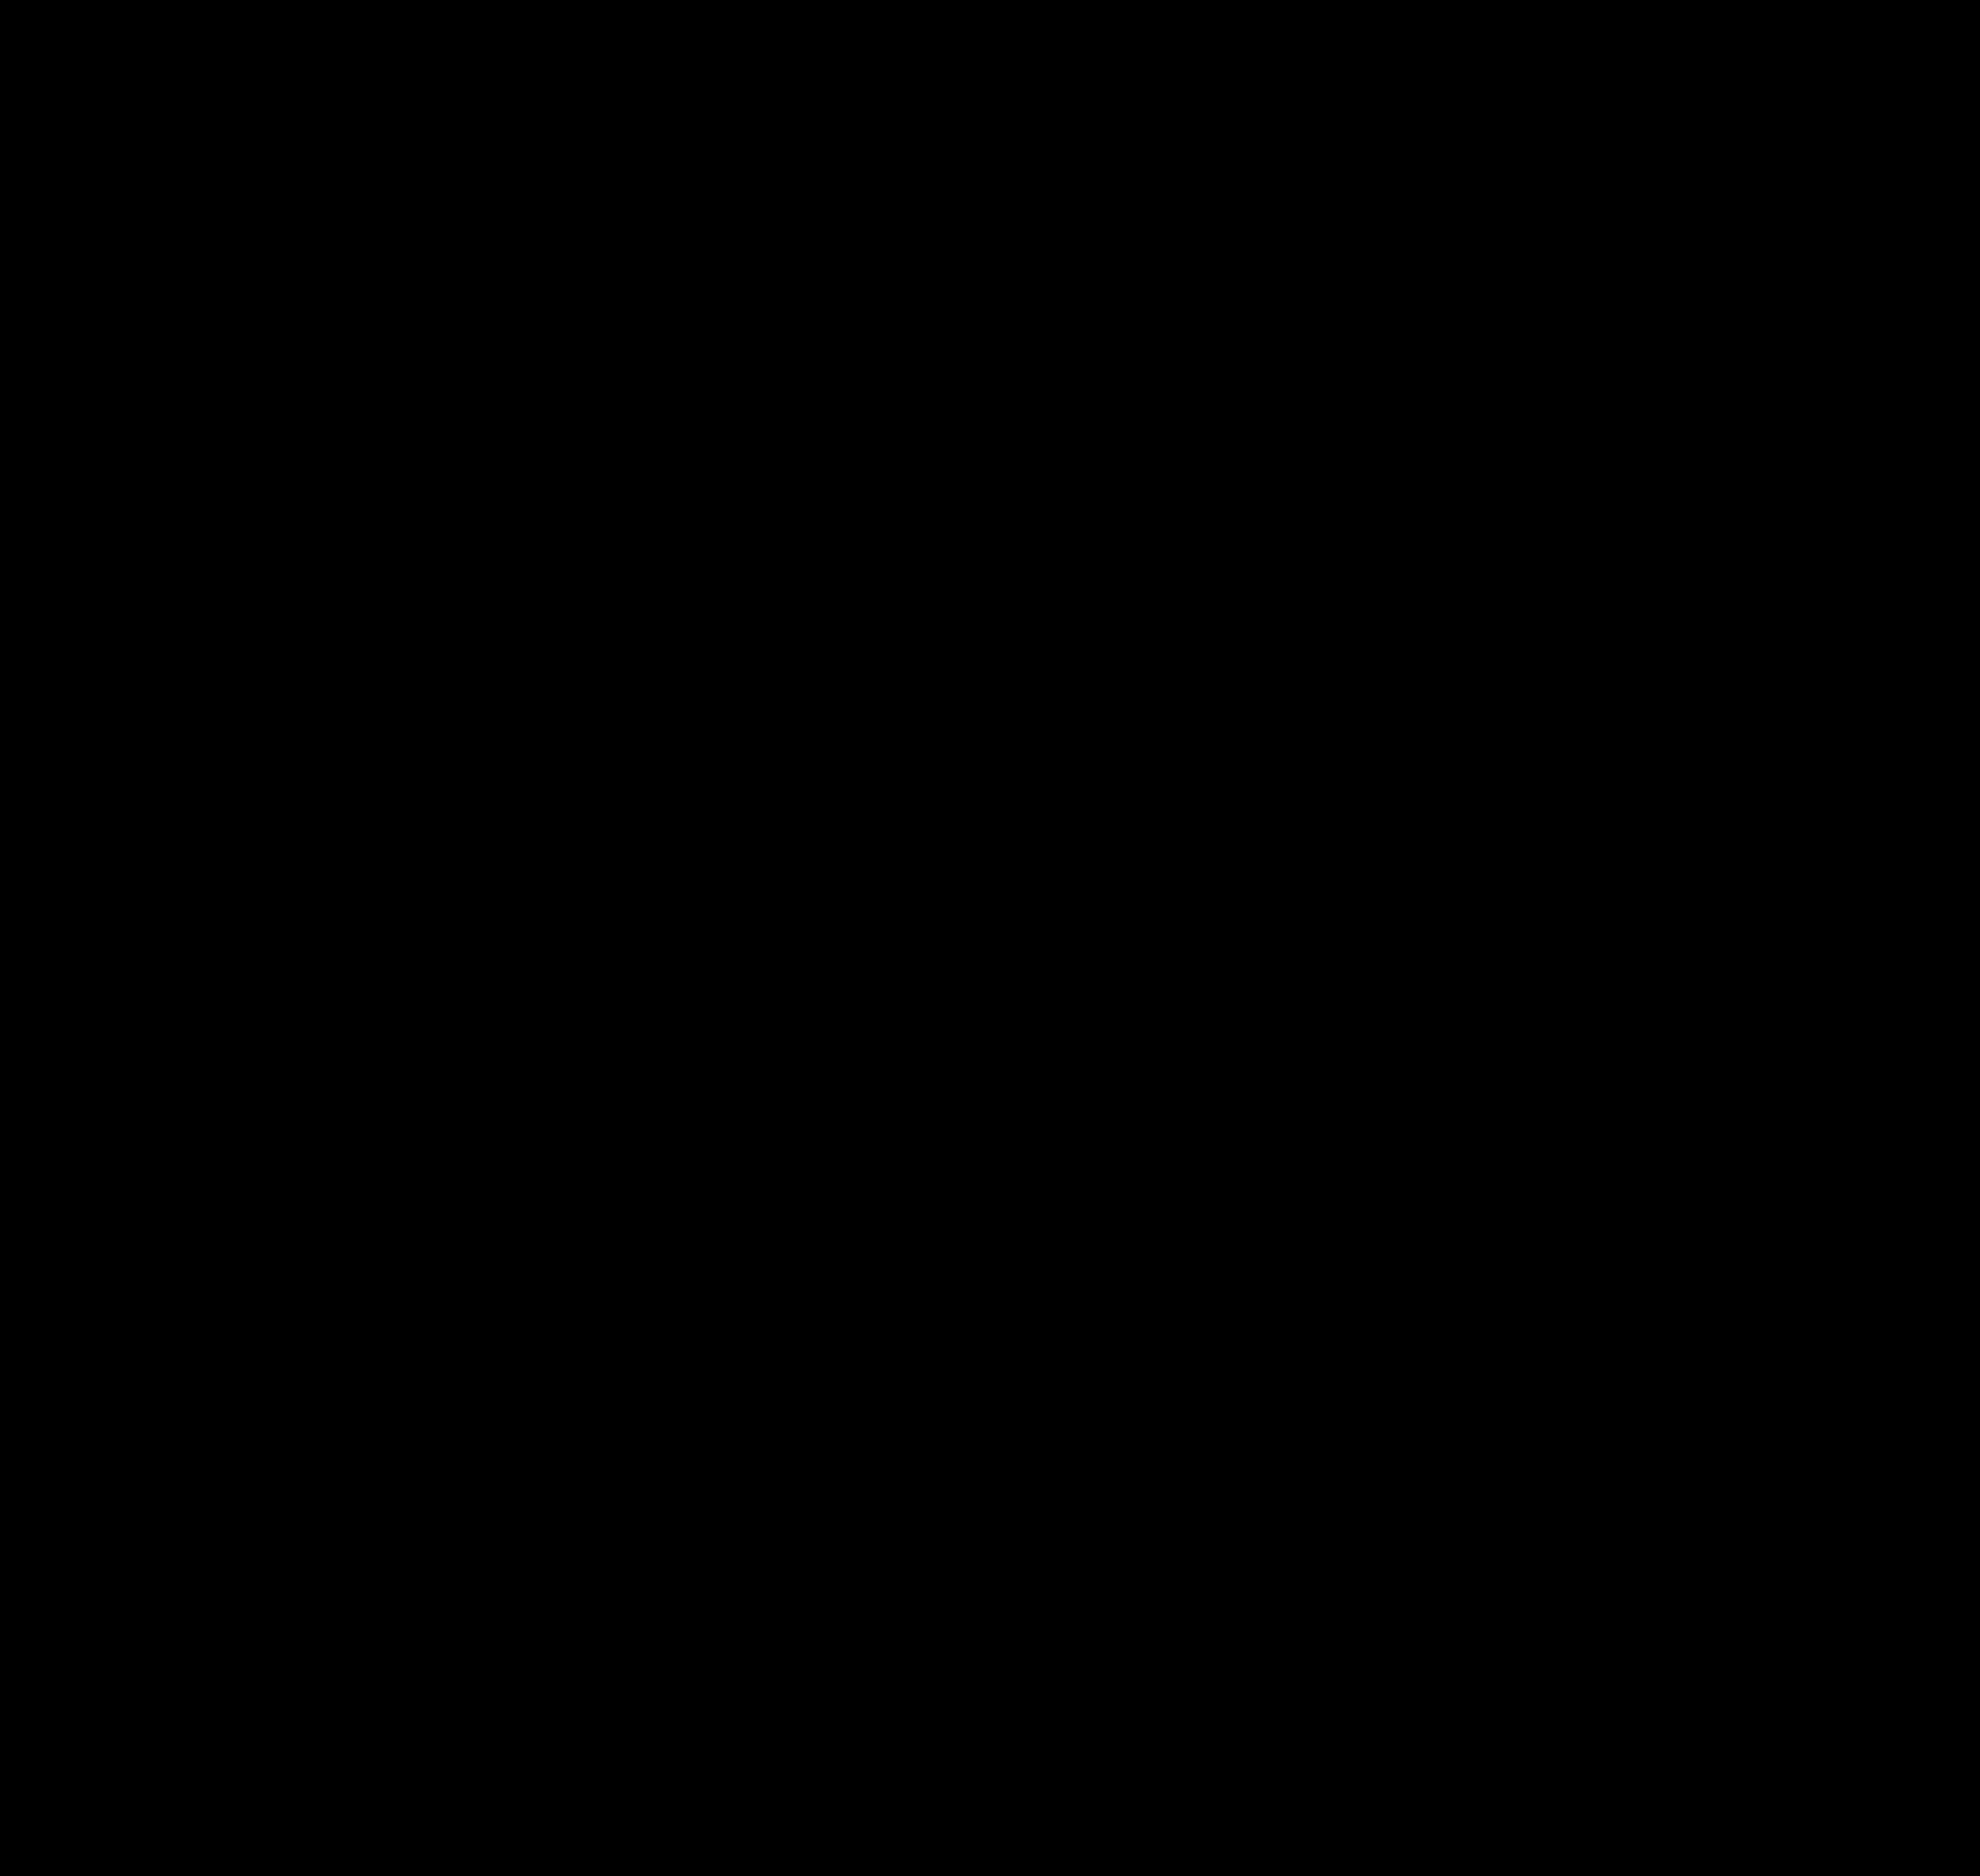 Ladder clipart step stool. File pkw aus zusatzzeichen